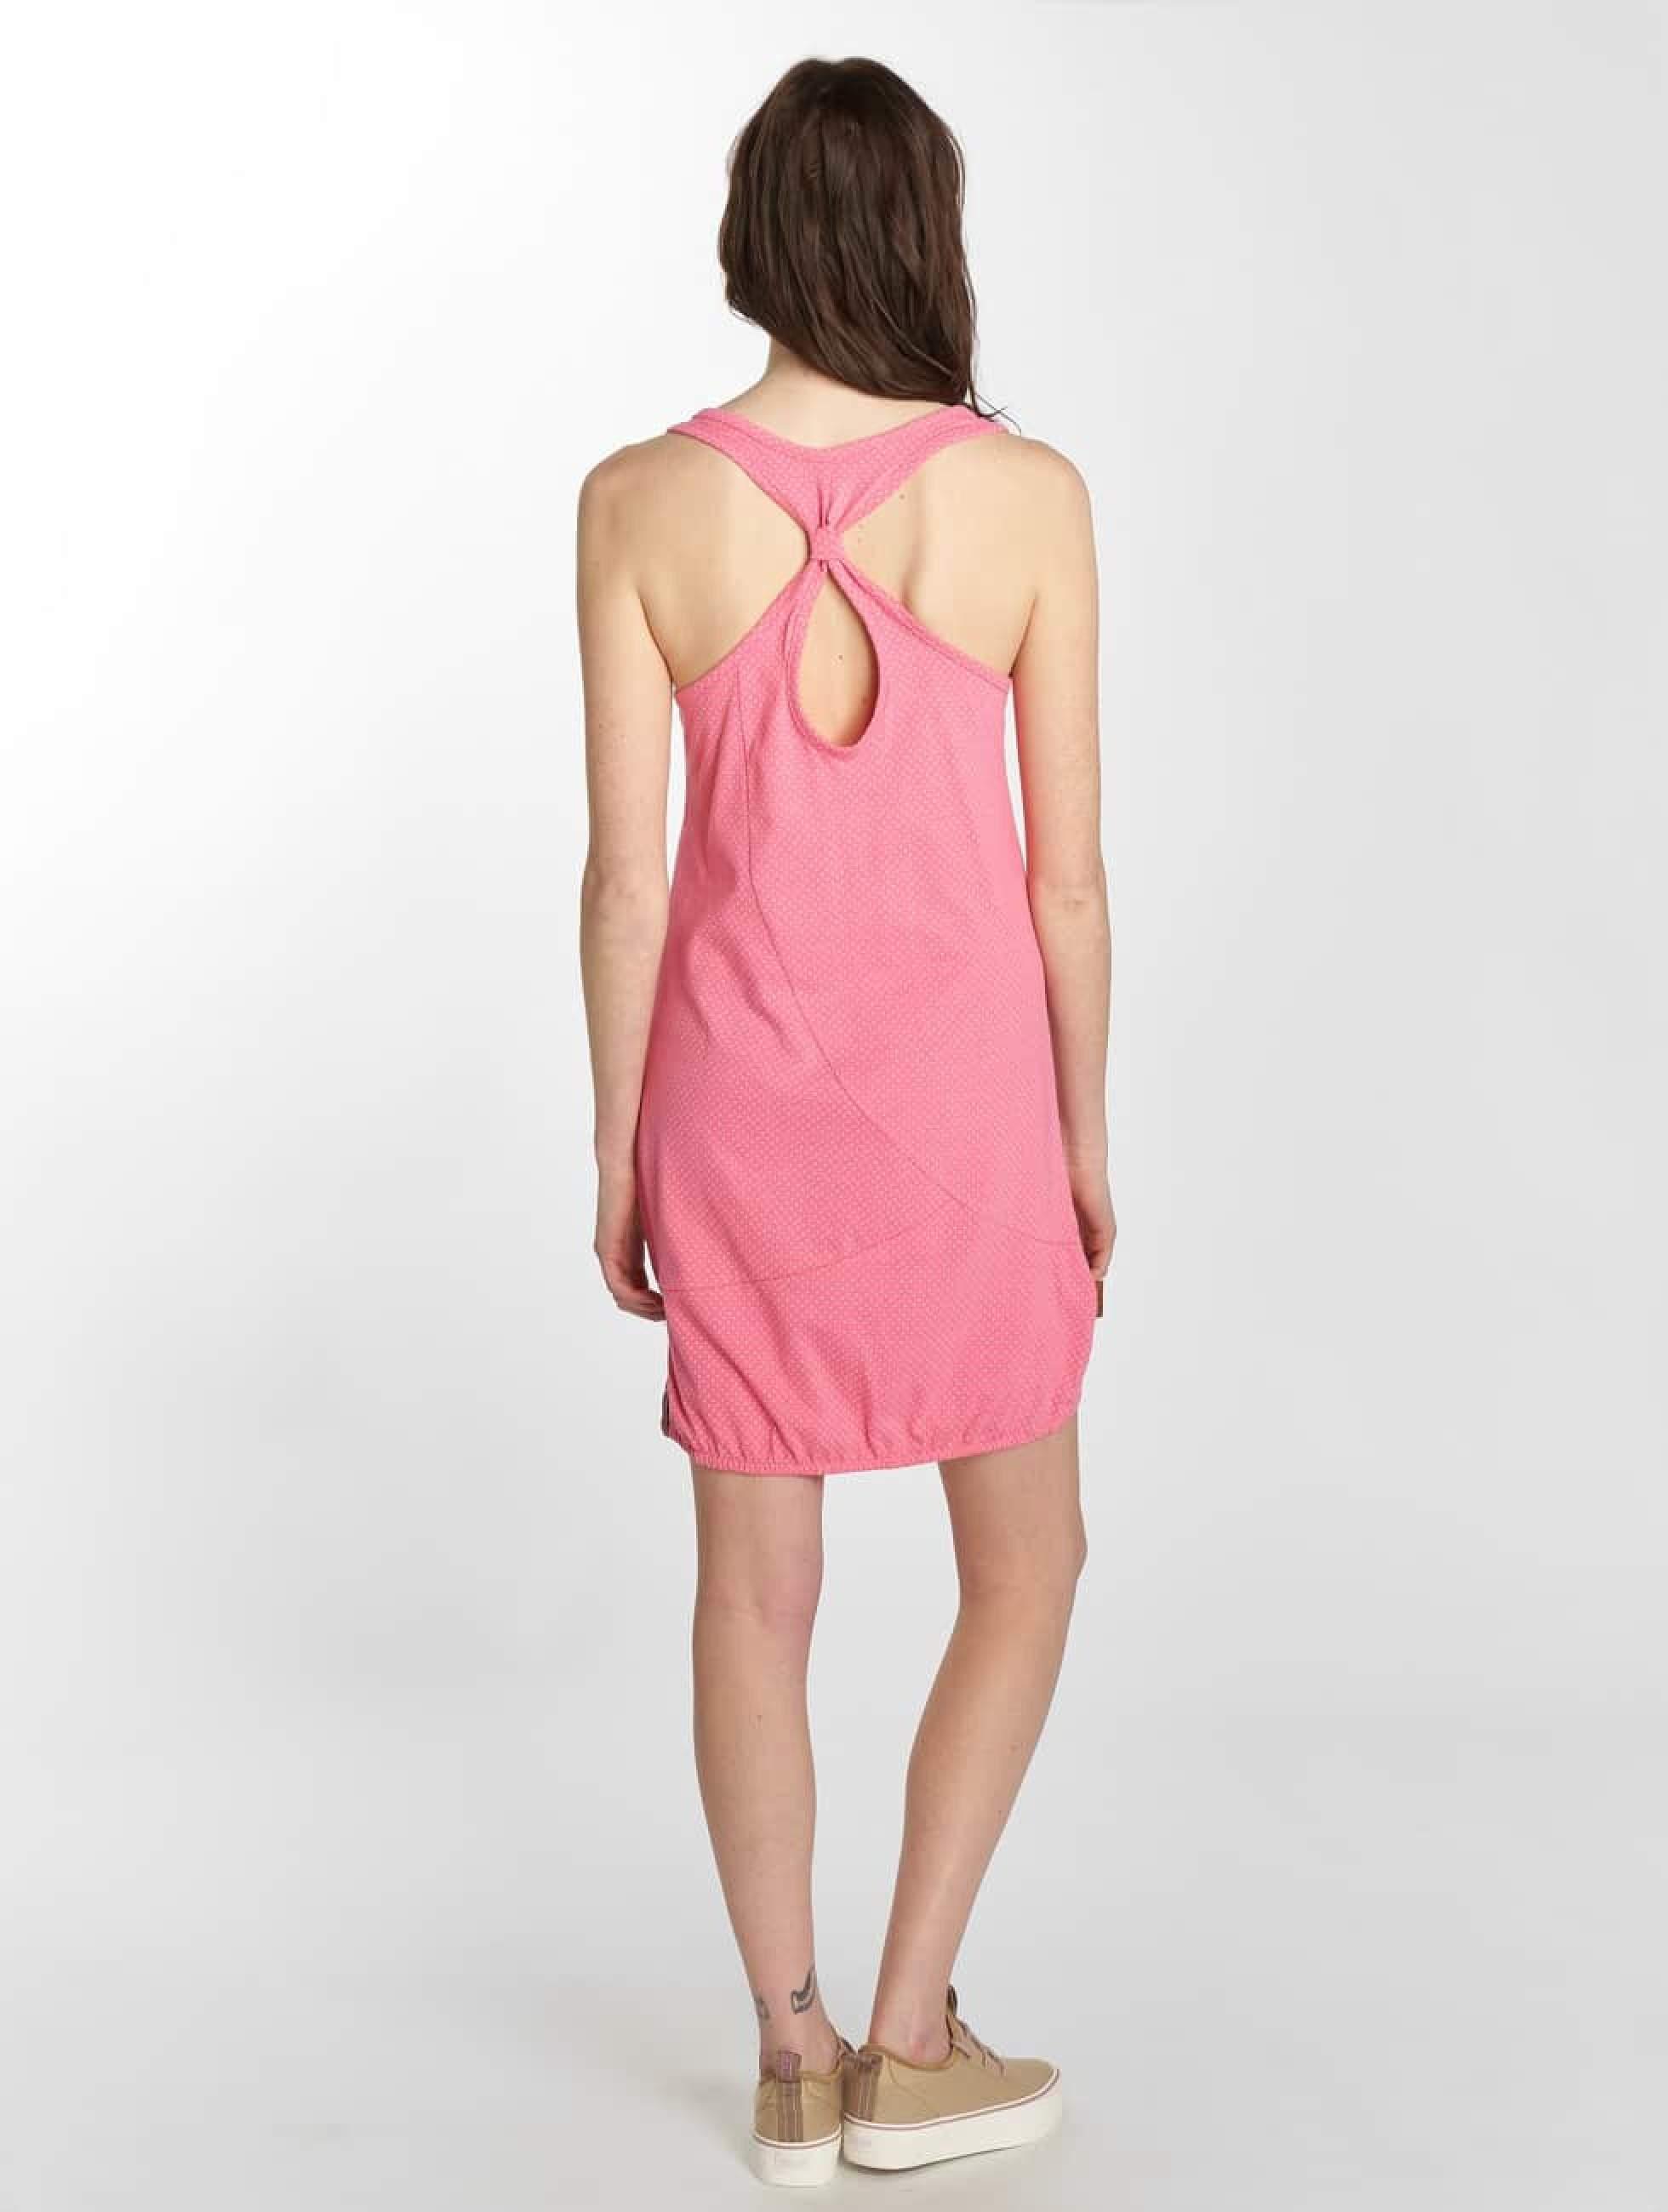 Damen kleider c&a - Stylische Kleider für jeden tag